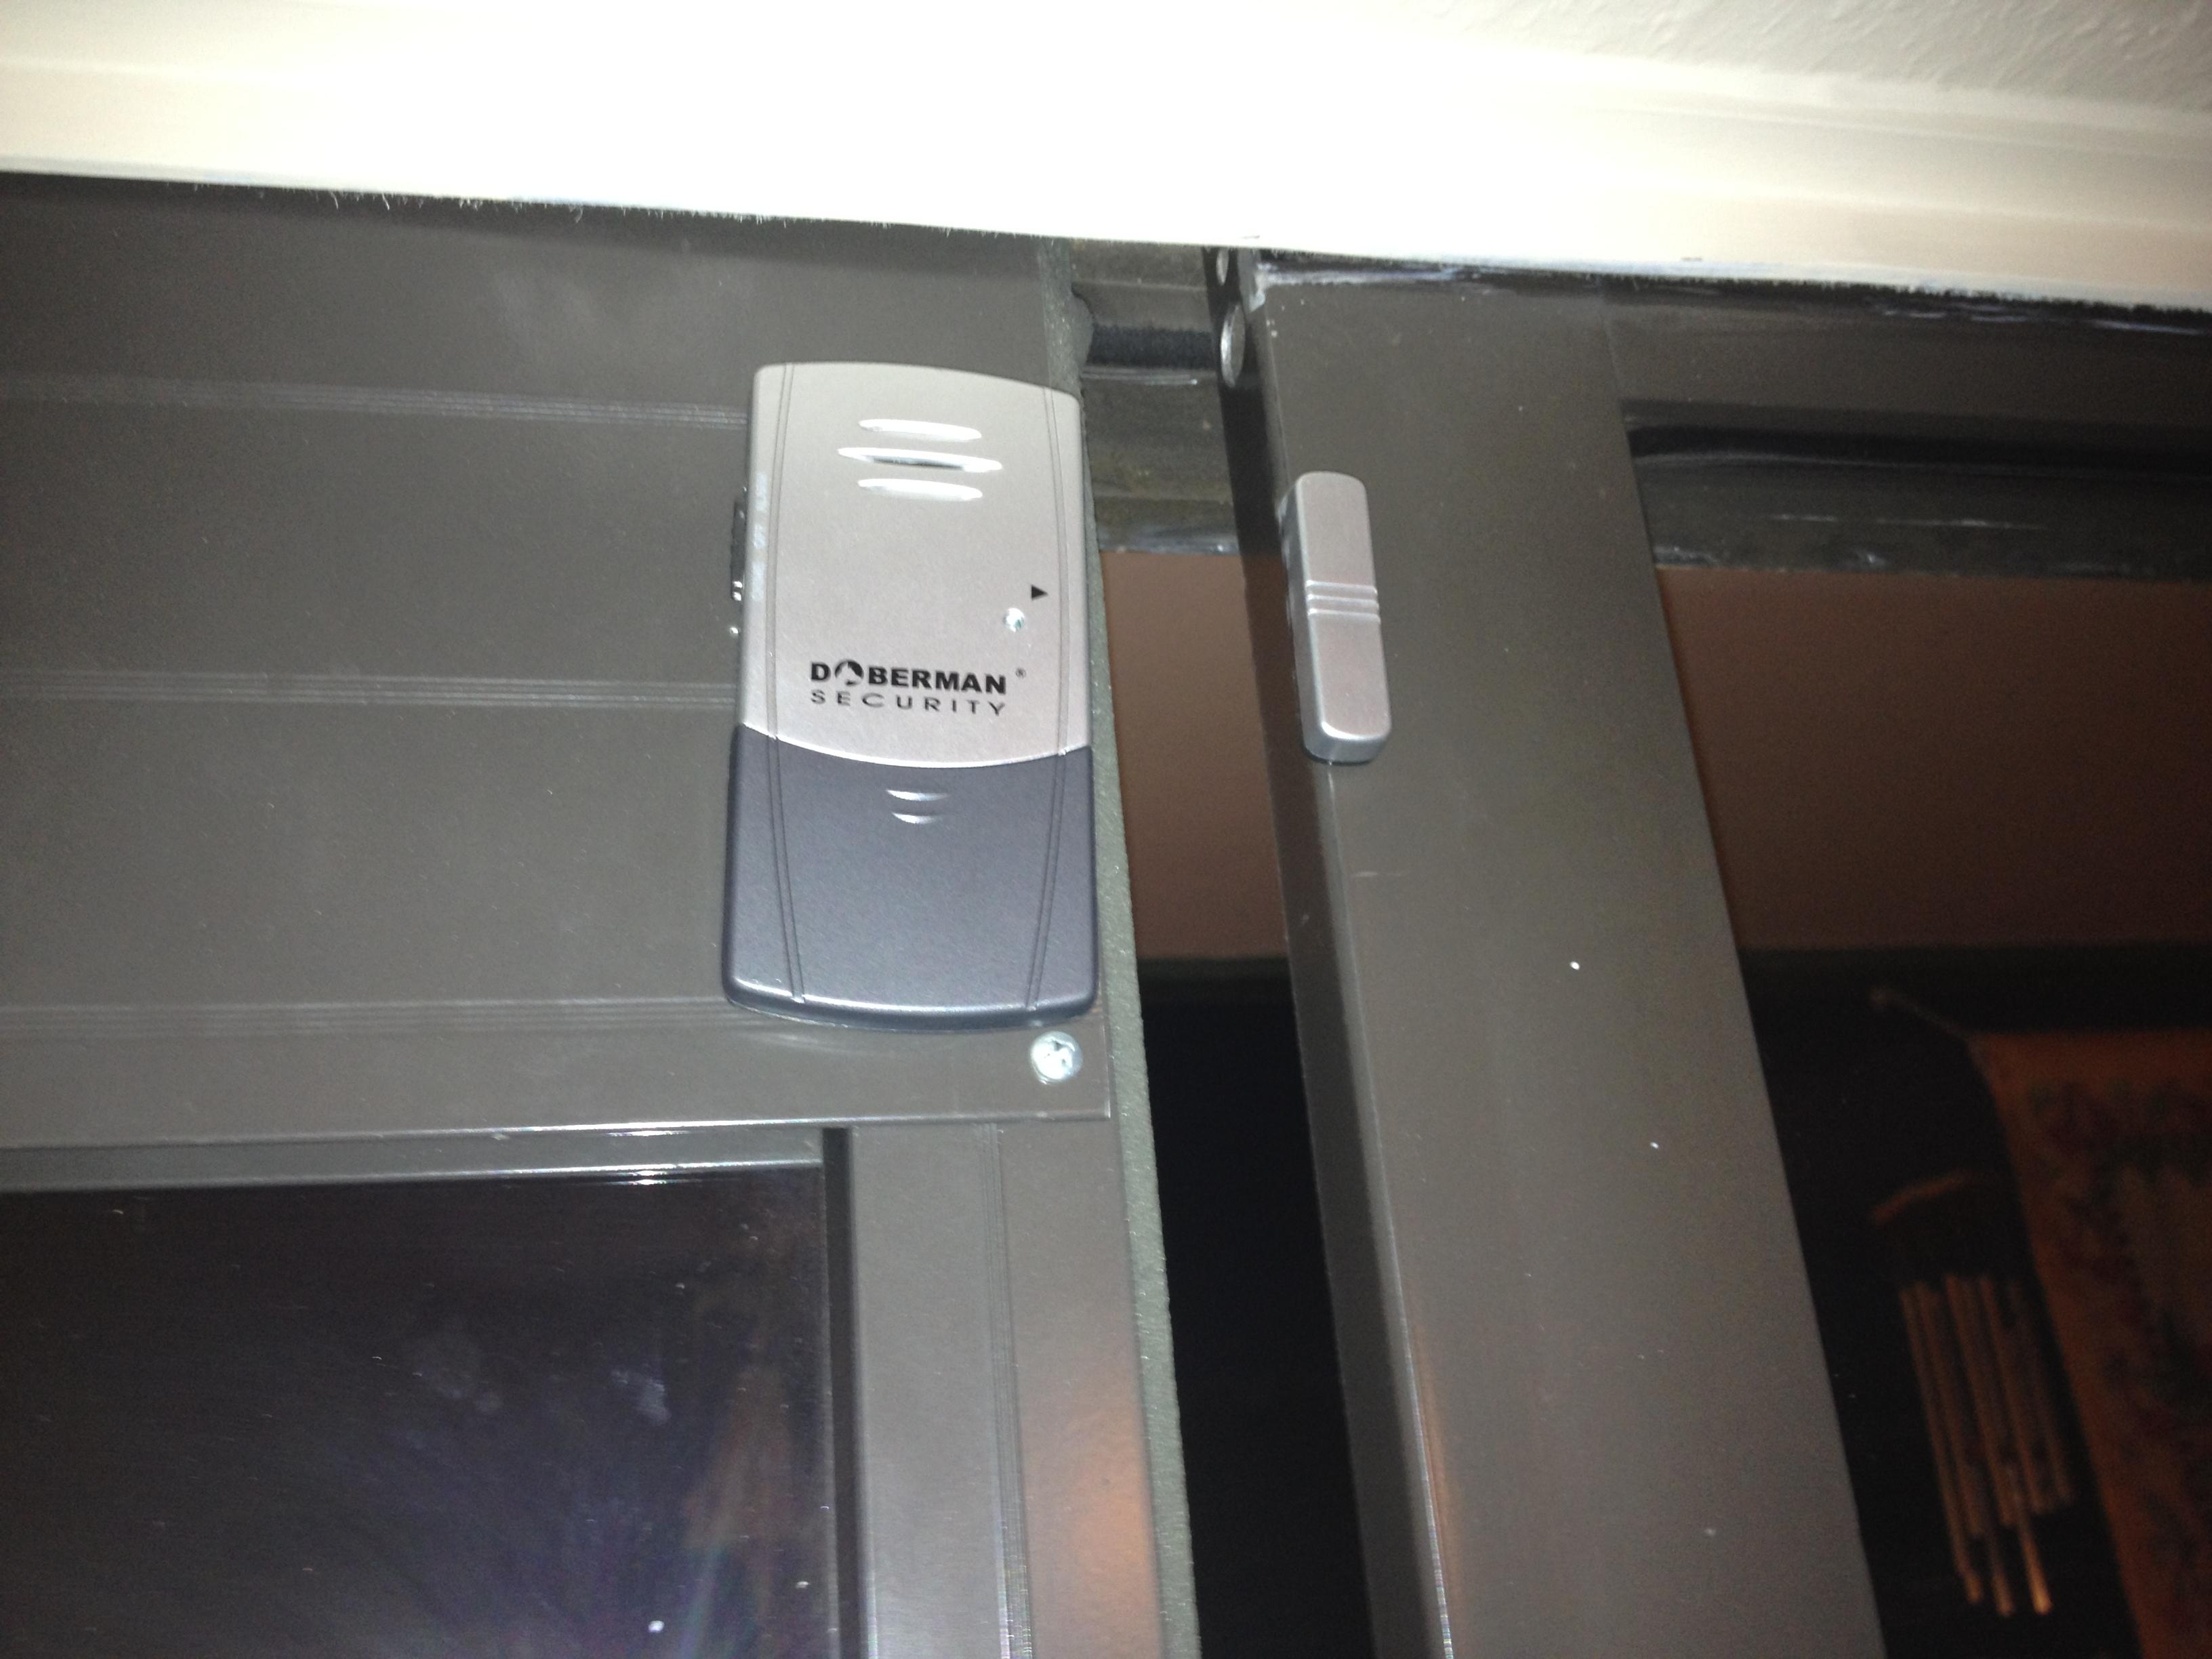 Sliding Door Alarm Switch3264 X 2448